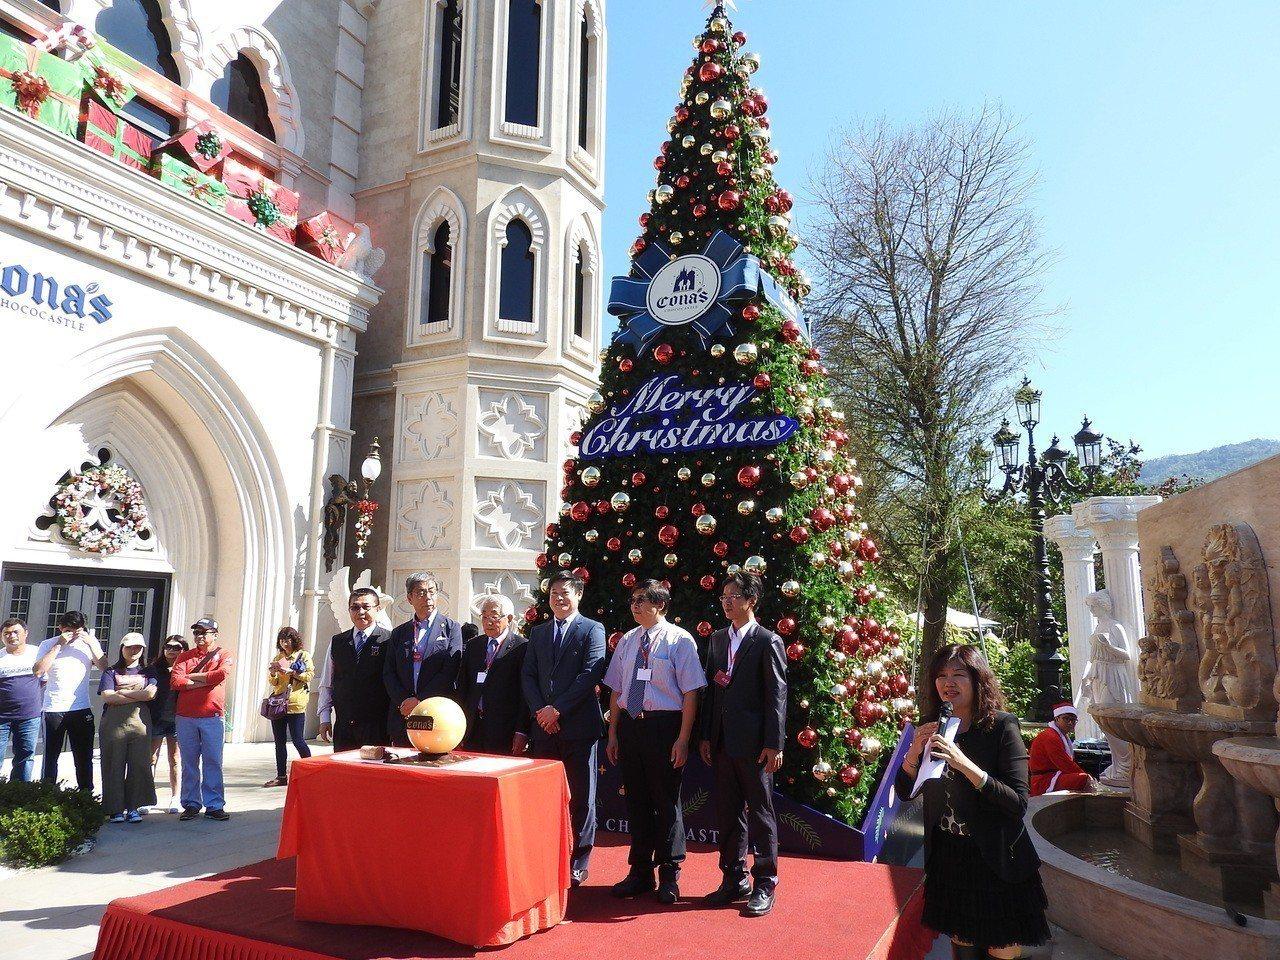 妮娜巧克力夢想城堡要將耶誕期間部分門票營收捐助弱勢童,預估將可捐助約120萬元。...